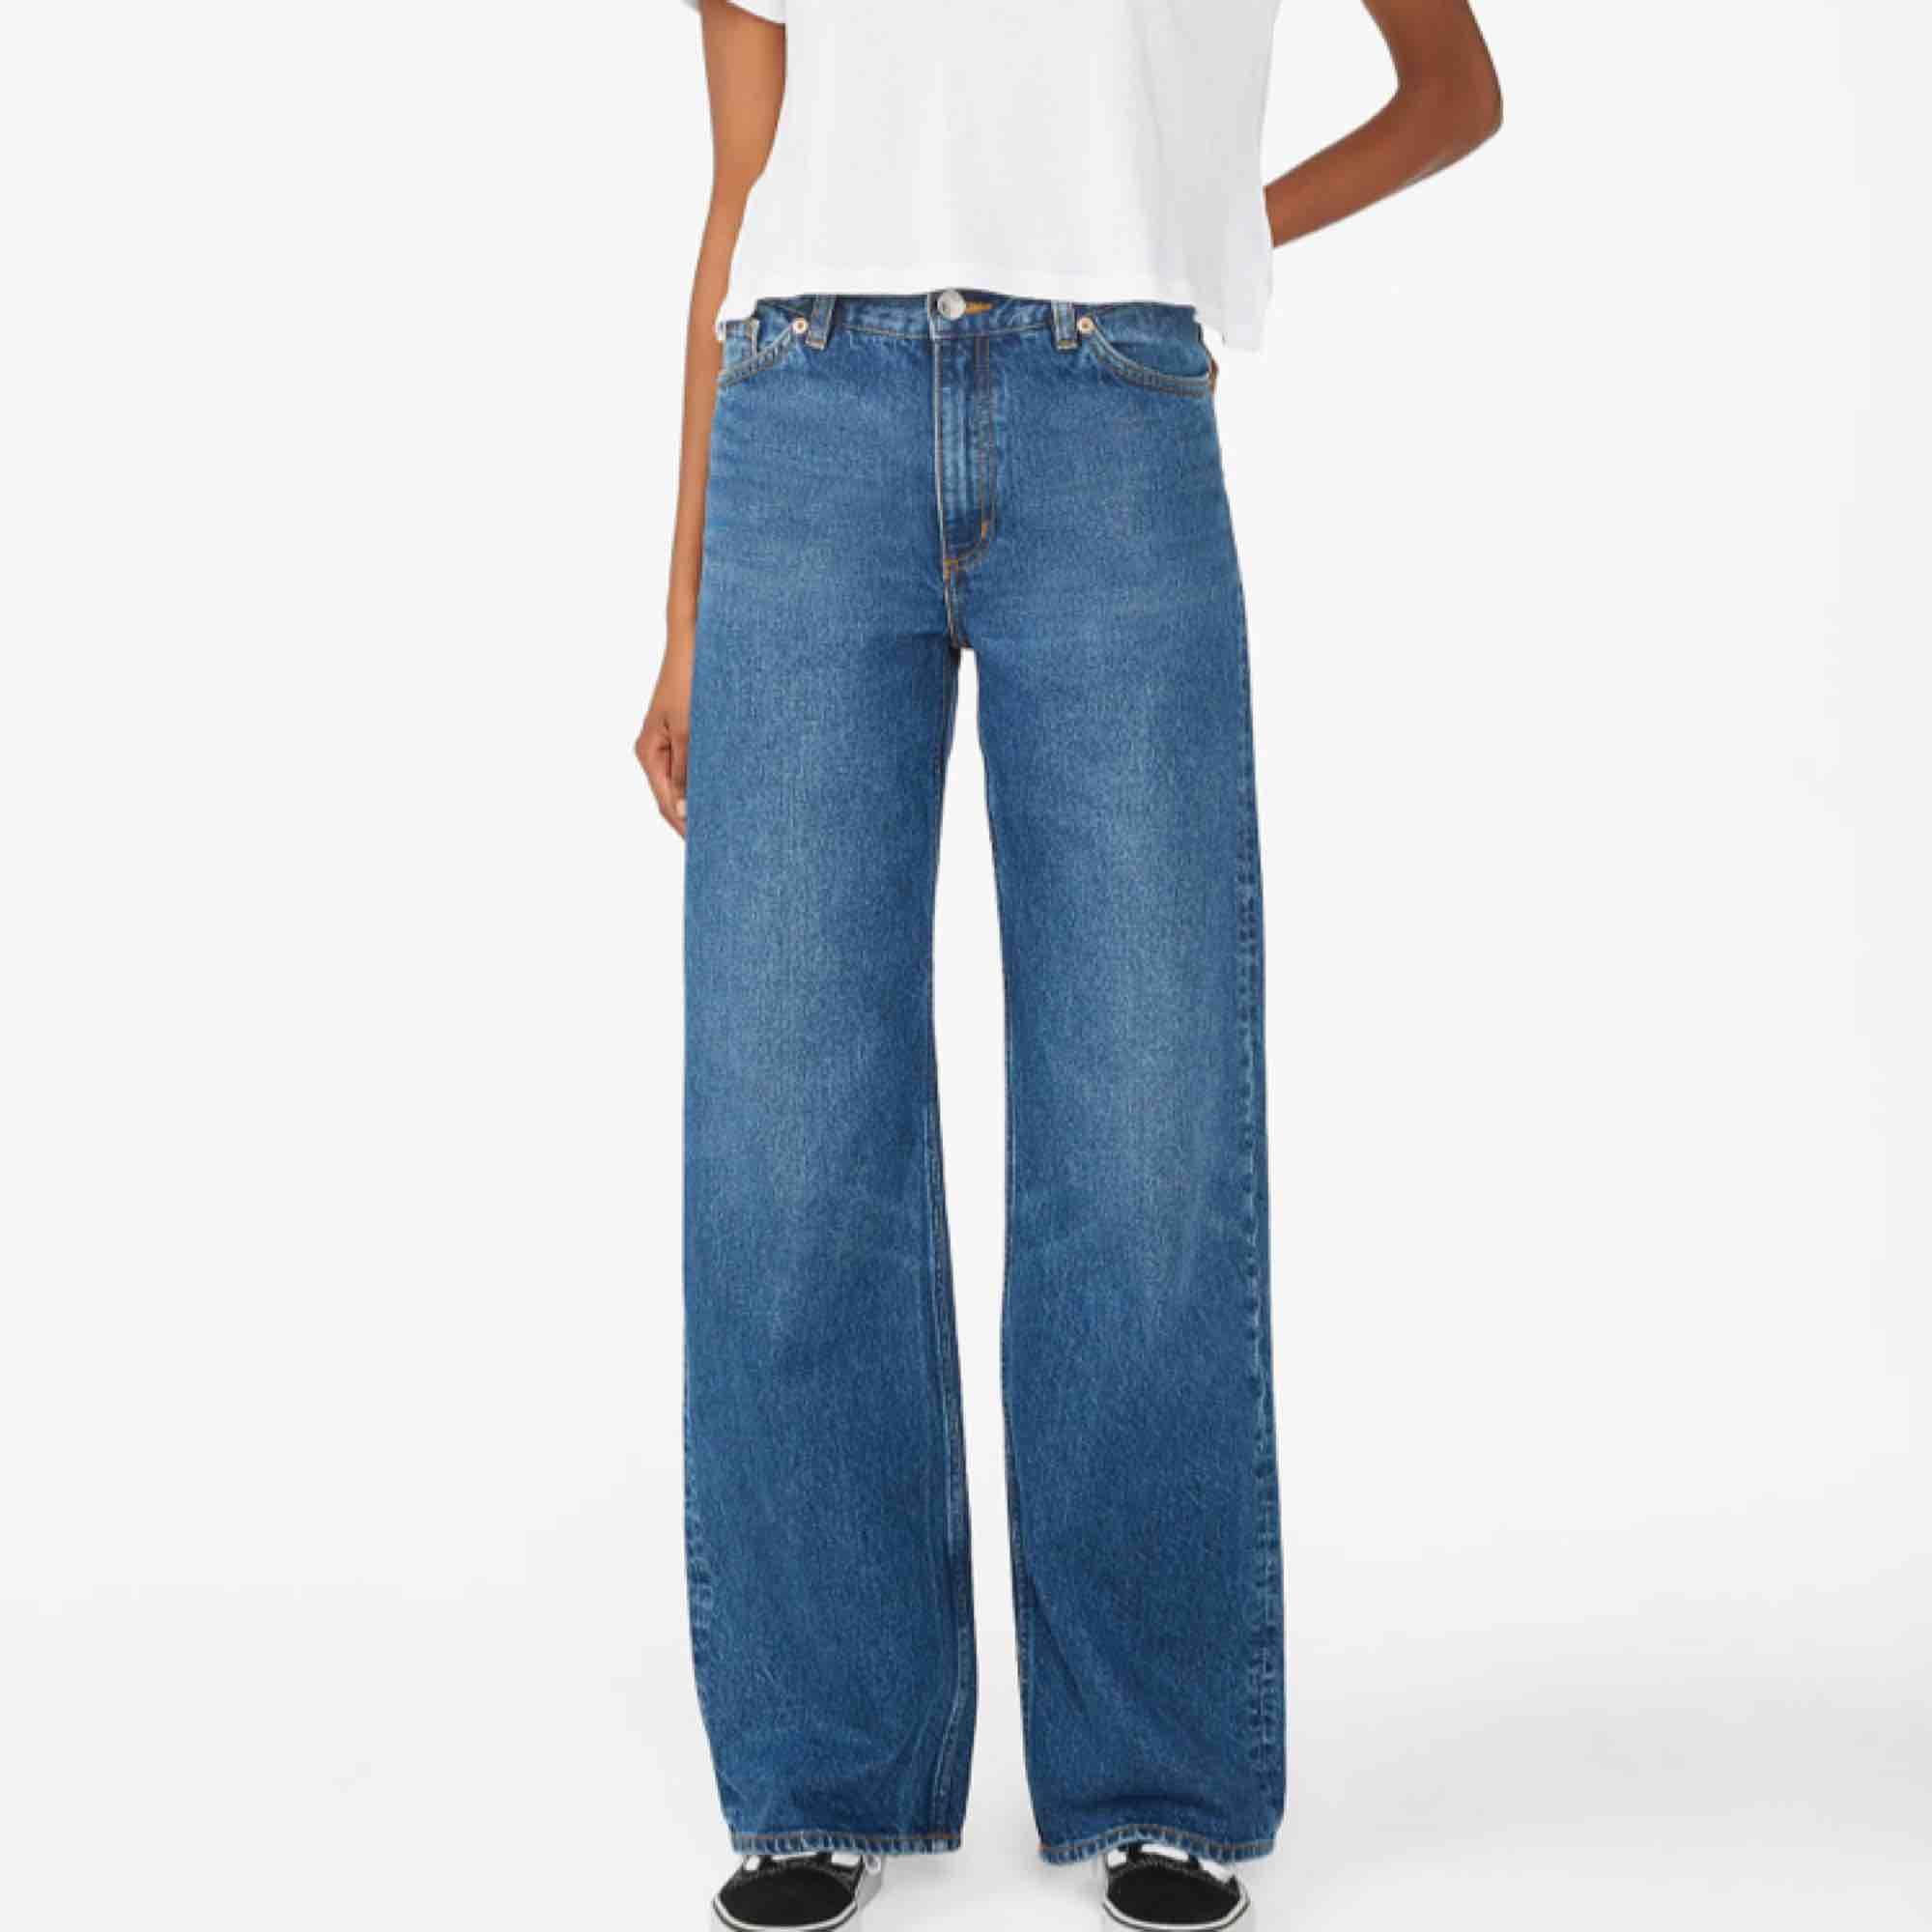 Säljer mina i princip nya jeans från Monki i modellen Yoko. Sjukt snygga och lösa i modellen. Jeansen var för långa för mig så de är omsydda så att de passar mig som är 1.63!! Så skulle säga att de passar folk mellan 1.60-1.65. Frakt ingår! . Jeans & Byxor.